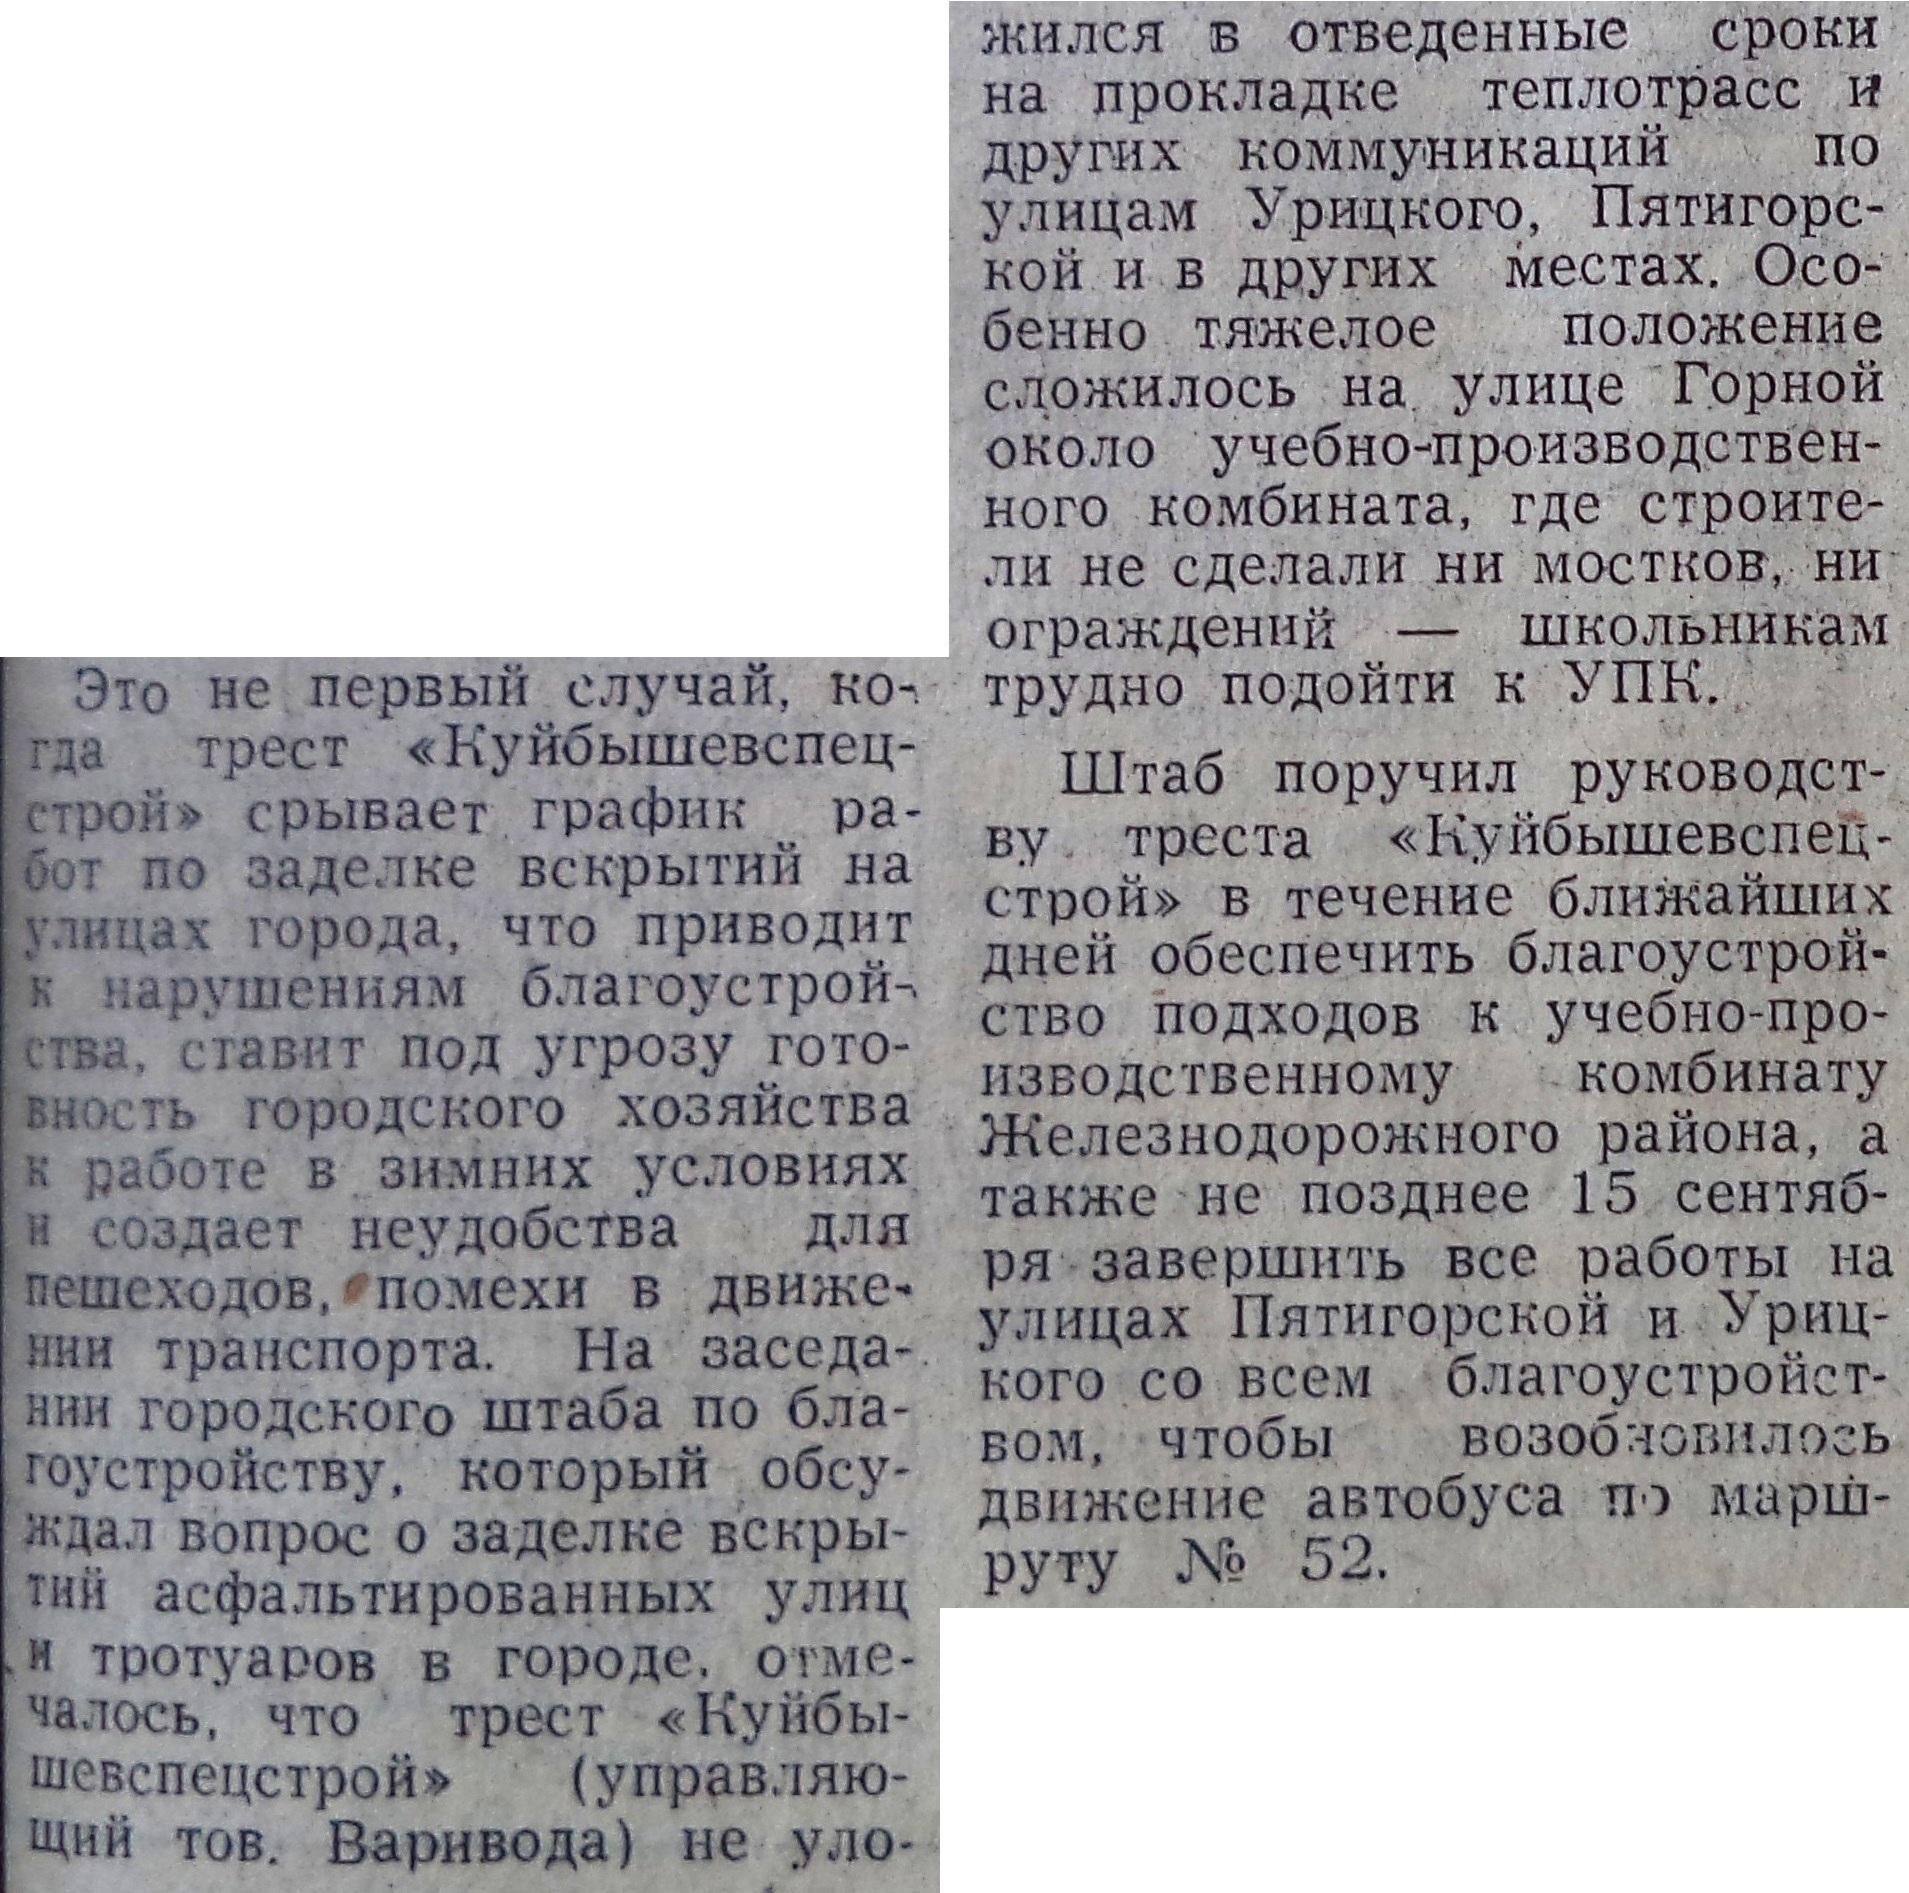 Пятигорская-ФОТО-10-ВЗя-1981-09-02-траншеи на дорогах